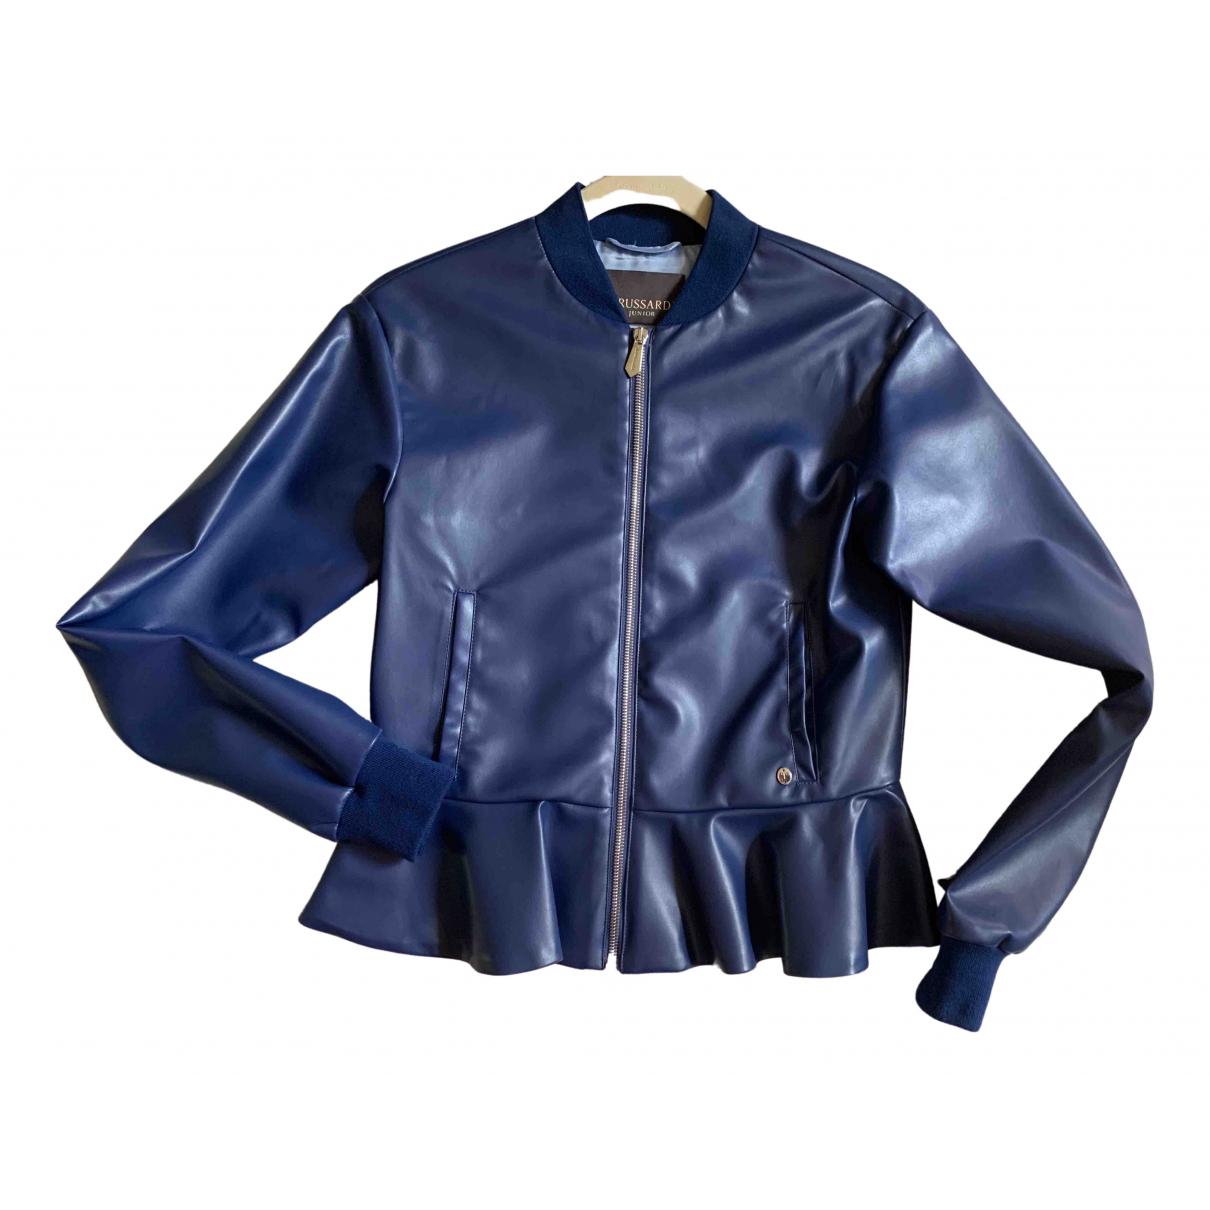 Trussardi - Blousons.Manteaux   pour enfant - bleu